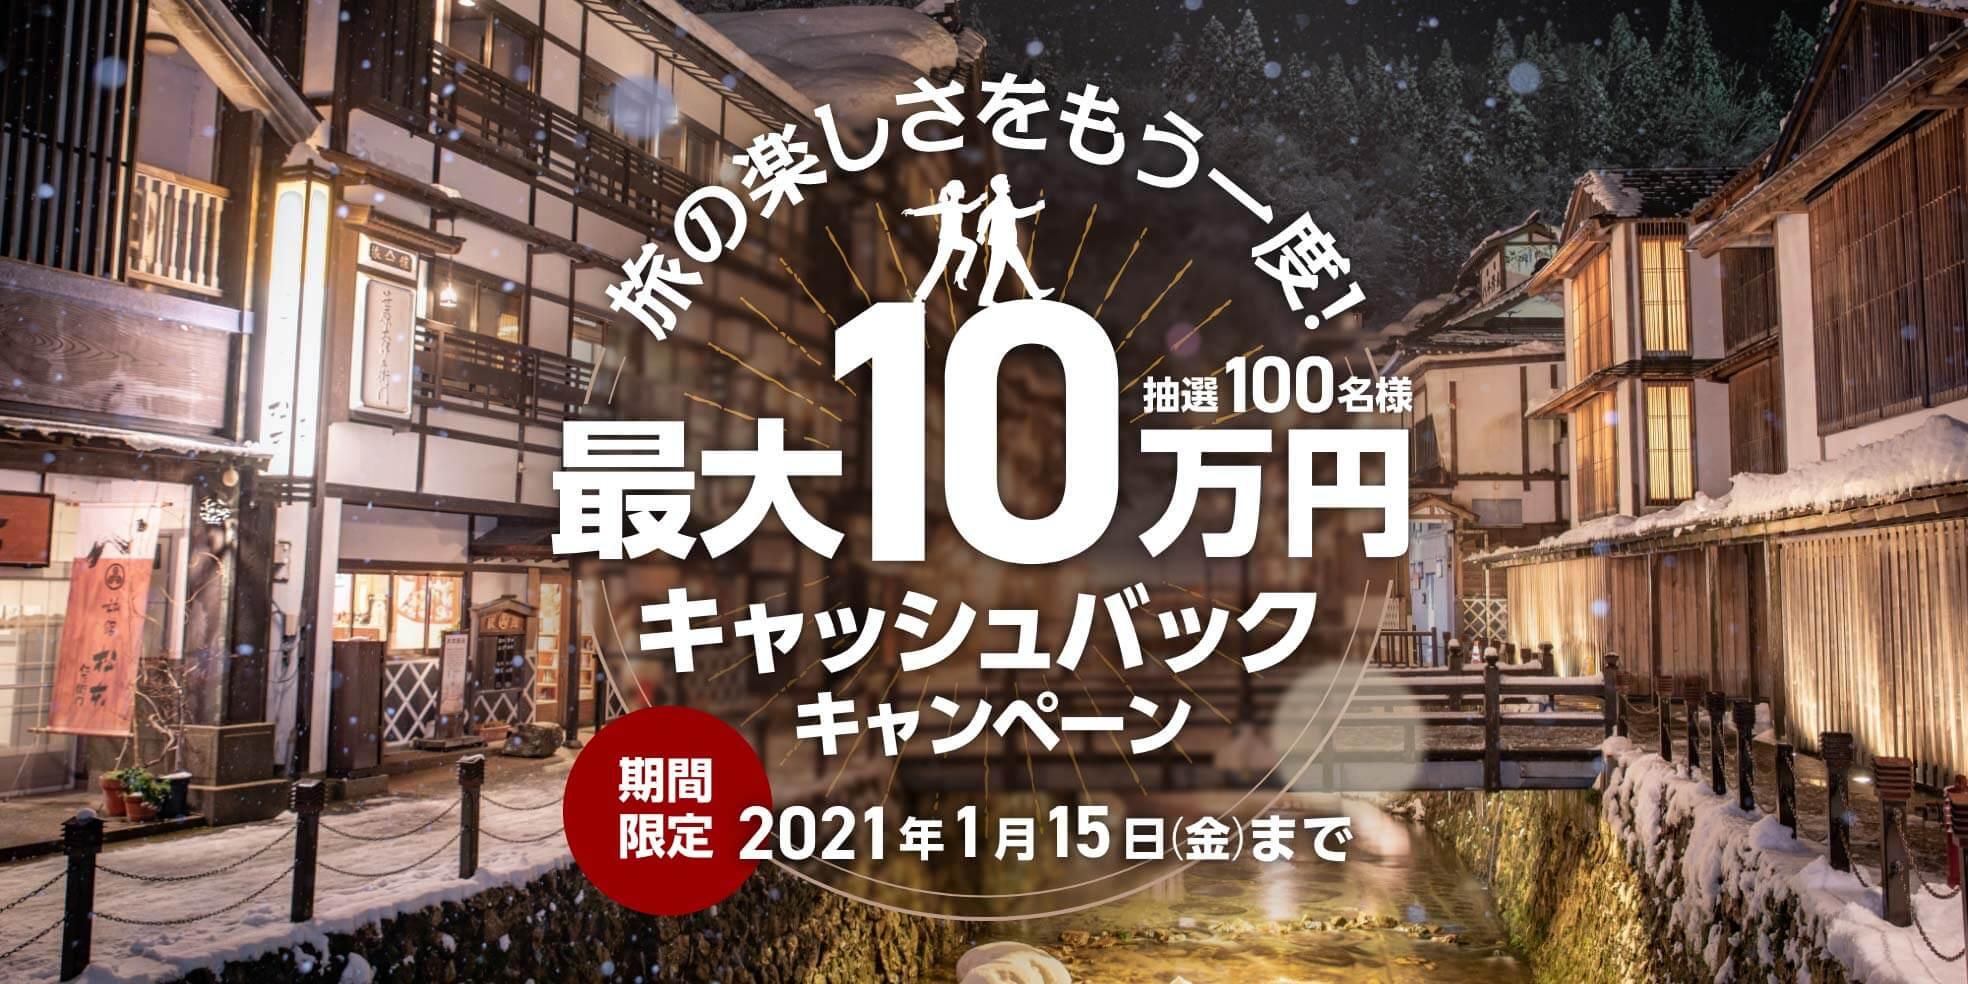 旅の楽しさをもう一度!最大10万円キャッシュバックキャンペーン